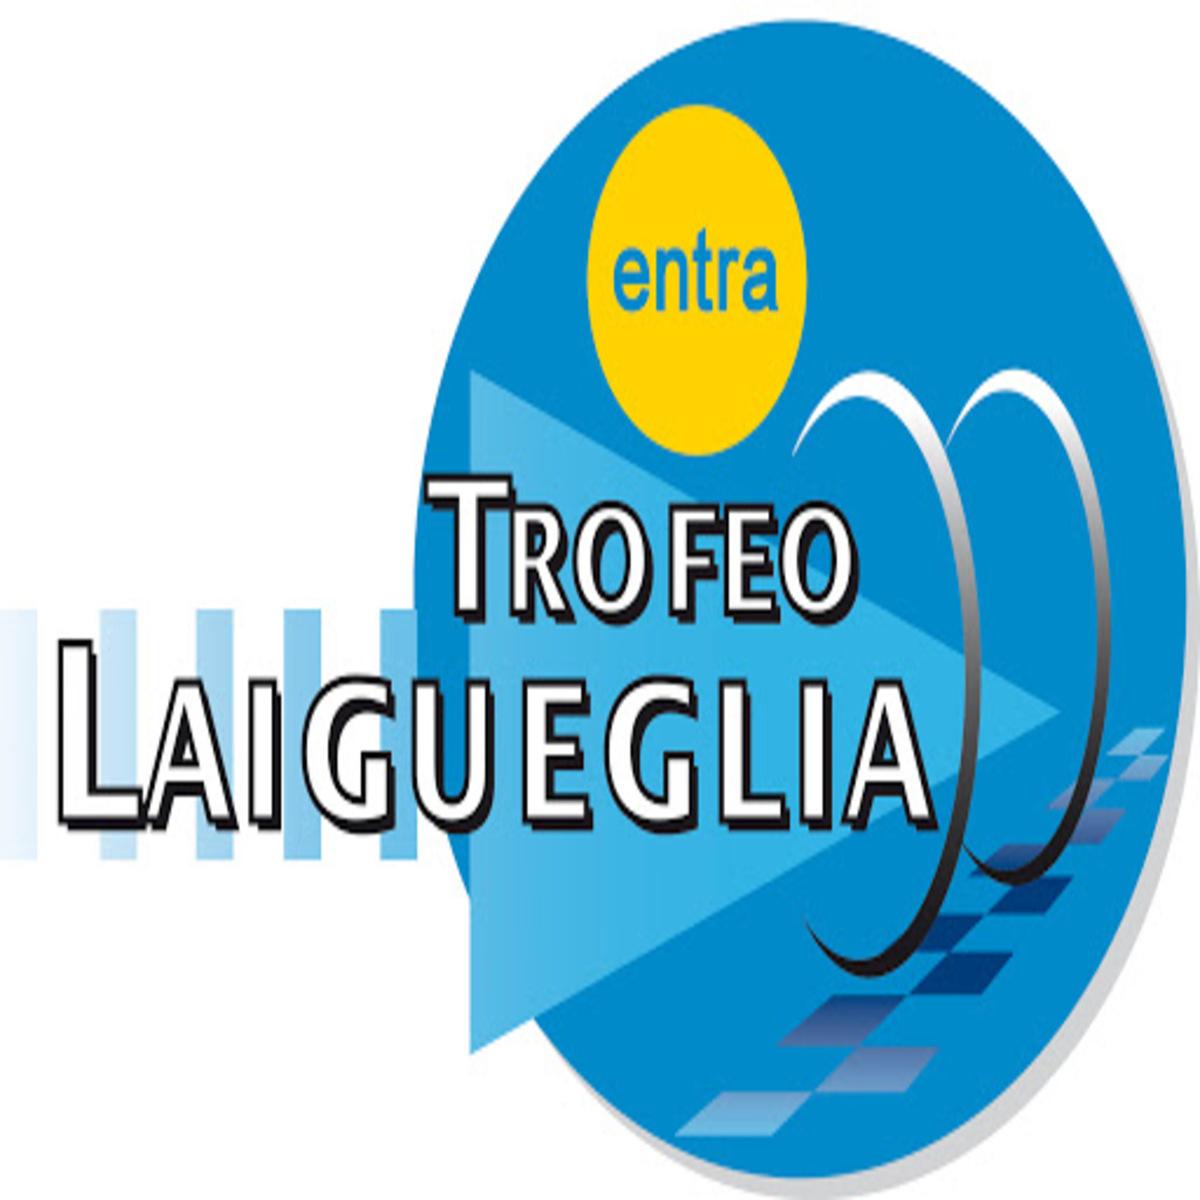 Trofeo Laigueglia 2021 percorso, startlist, diretta tv-streaming